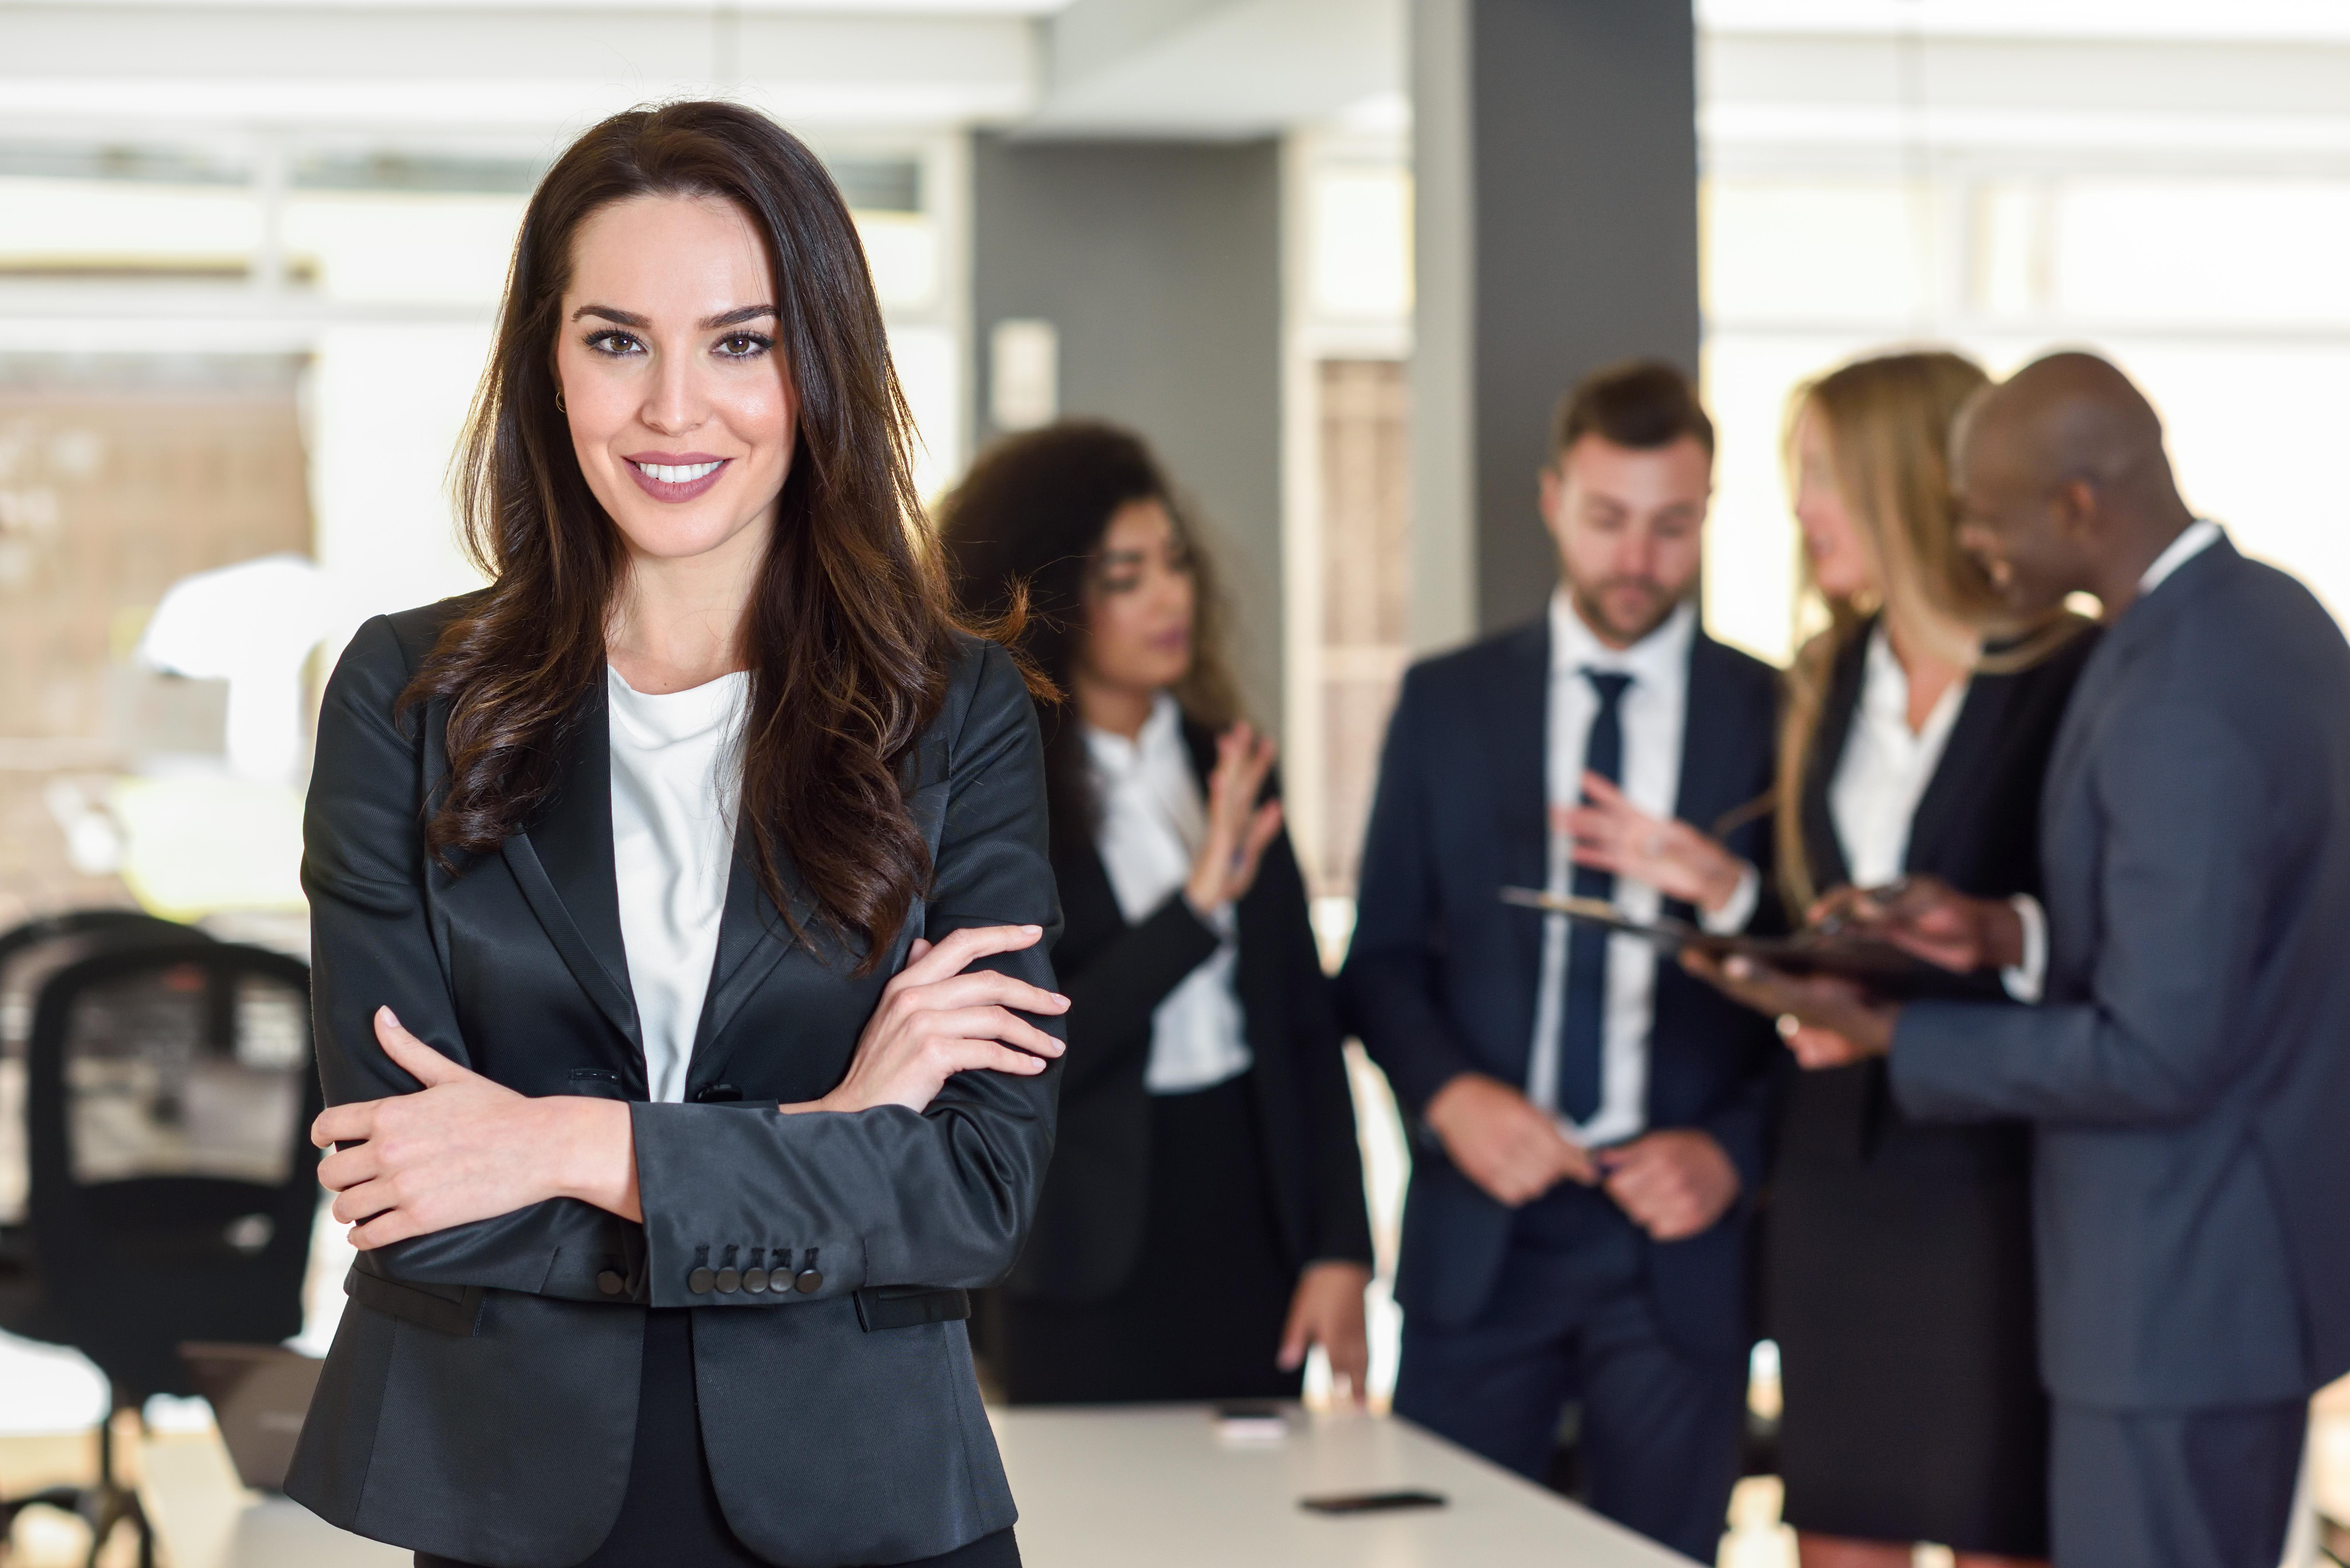 7 دیدگاه مختلف در رابطه با شاغل بودن زن